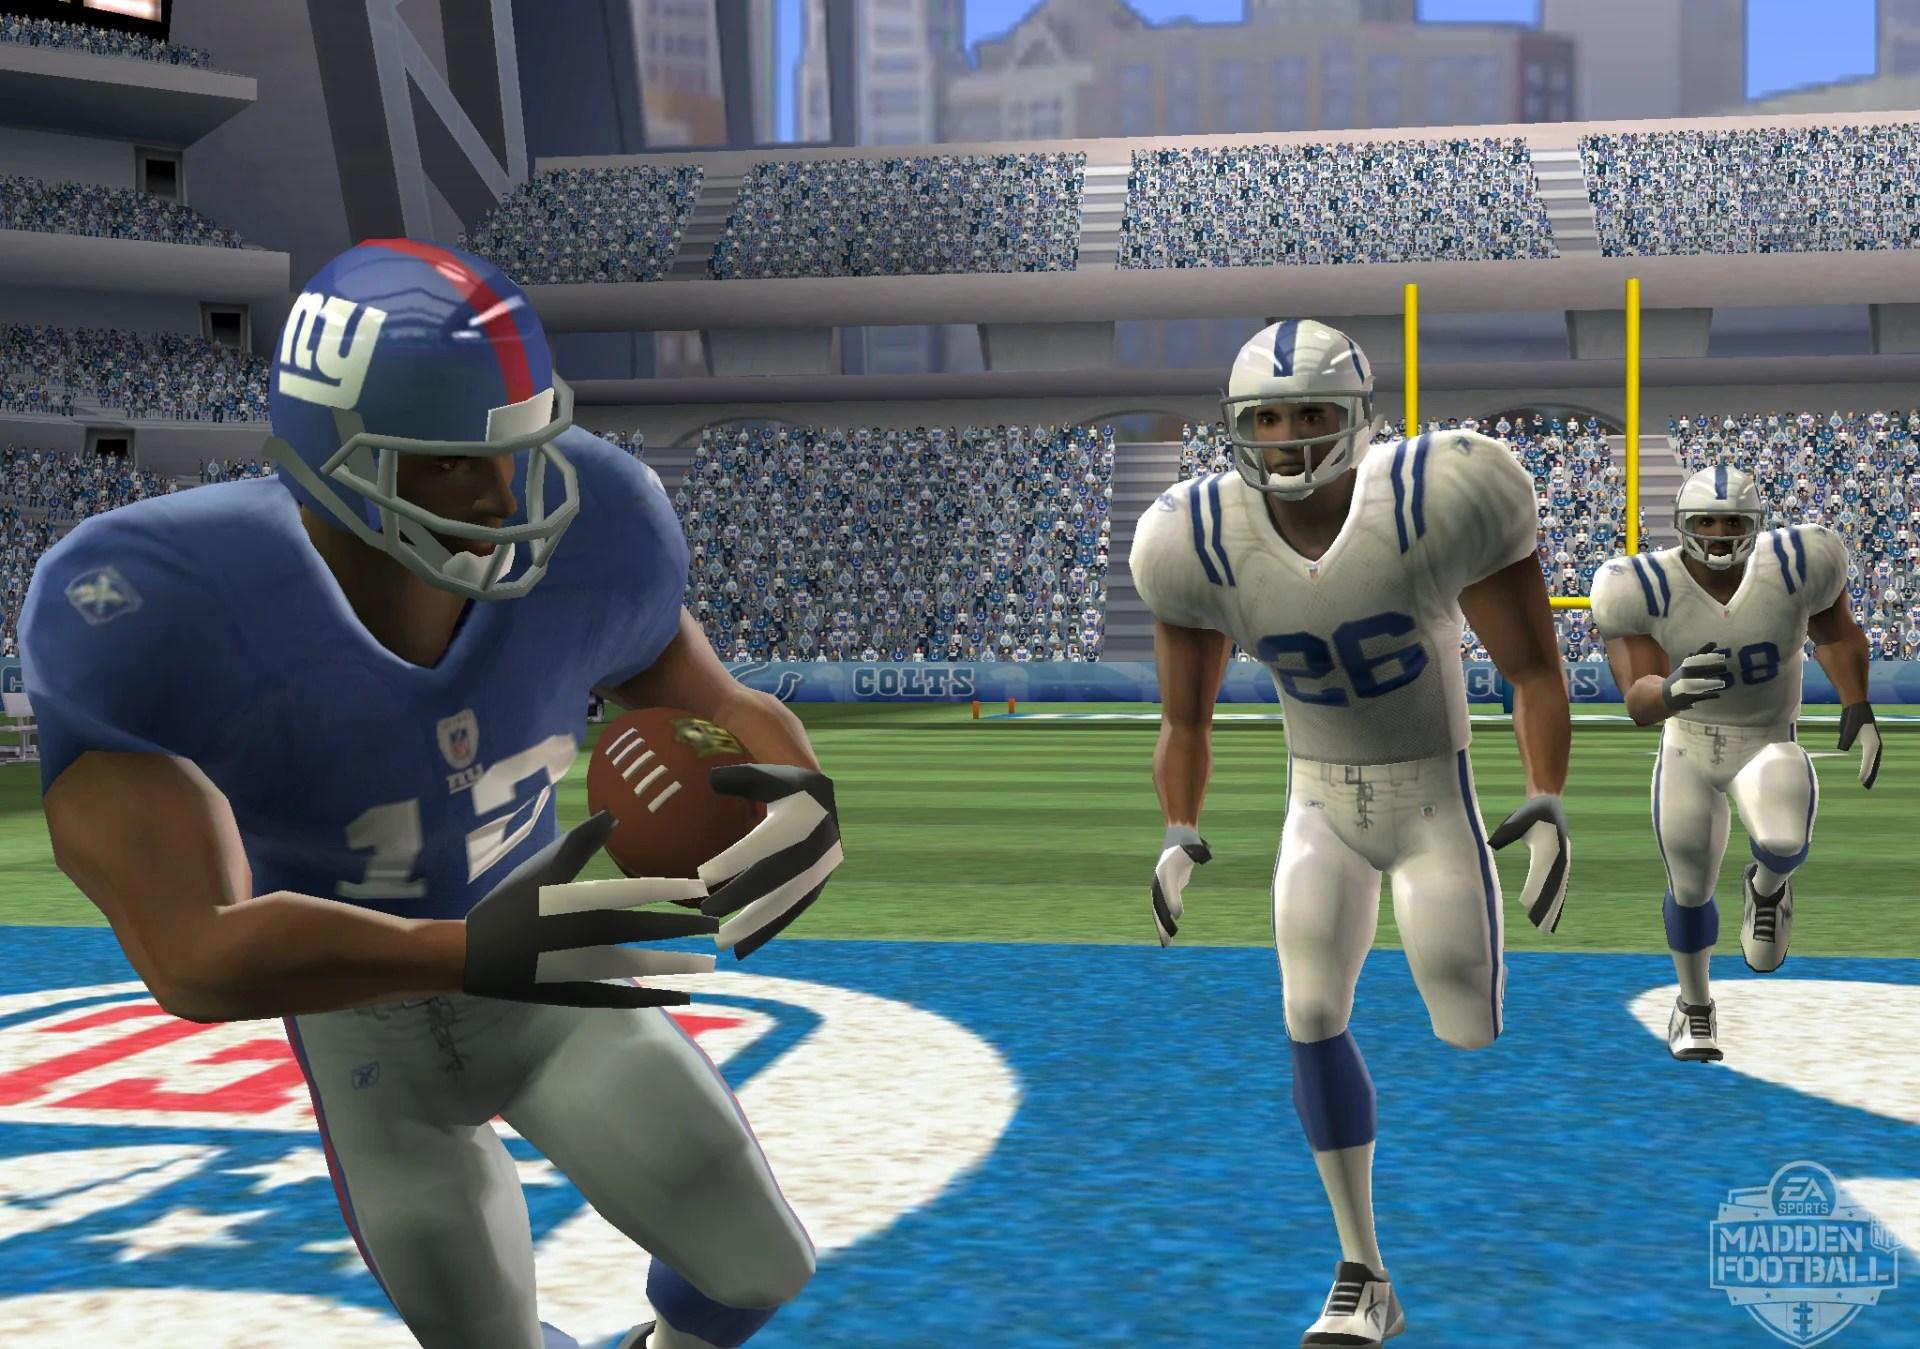 Madden NFL Football 3DS Screenshots